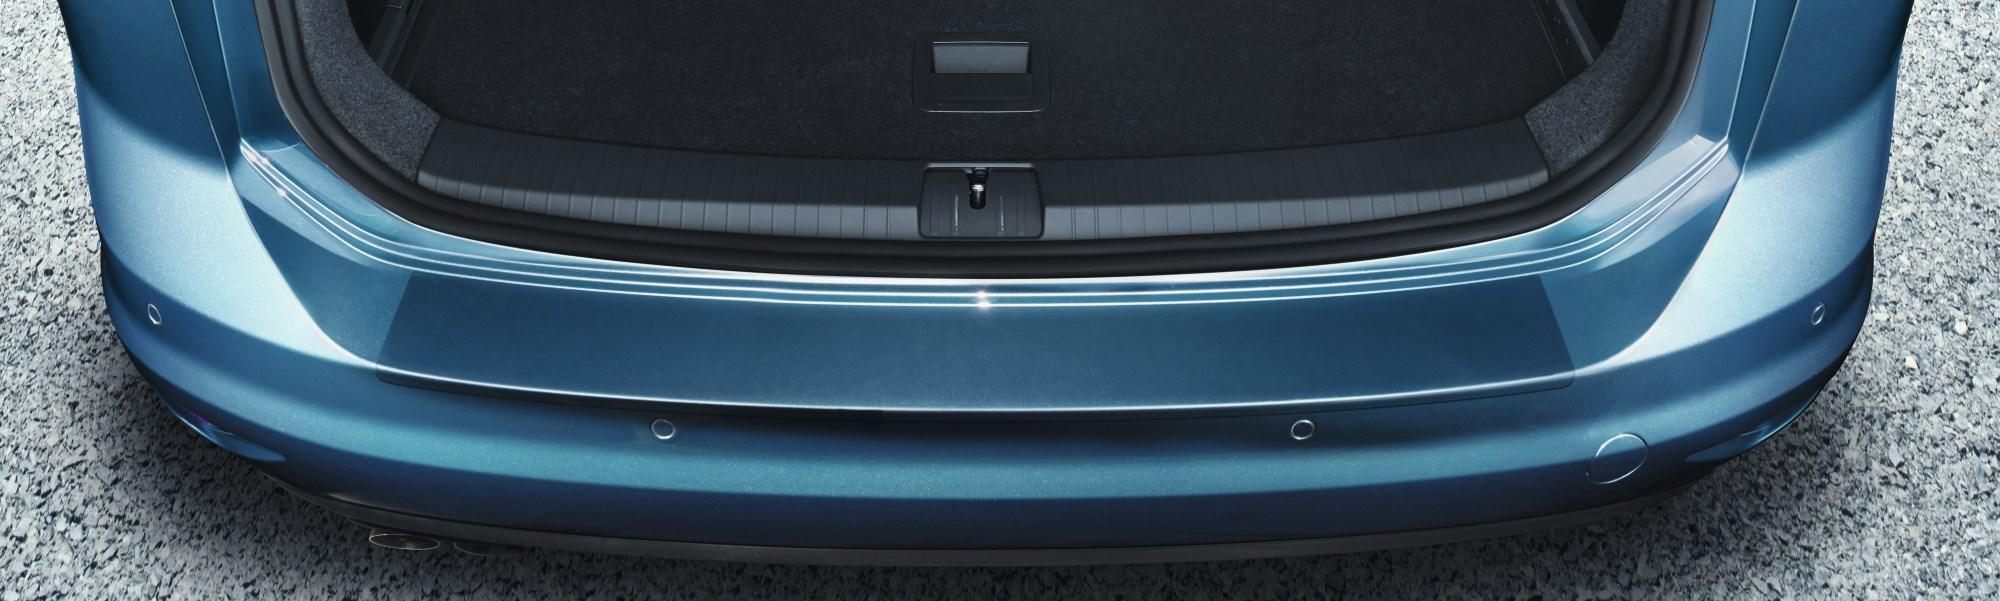 Ladekantenschutz für  VW TOURAN 4  5T Lackschutzfolie Transparent schutzfolie